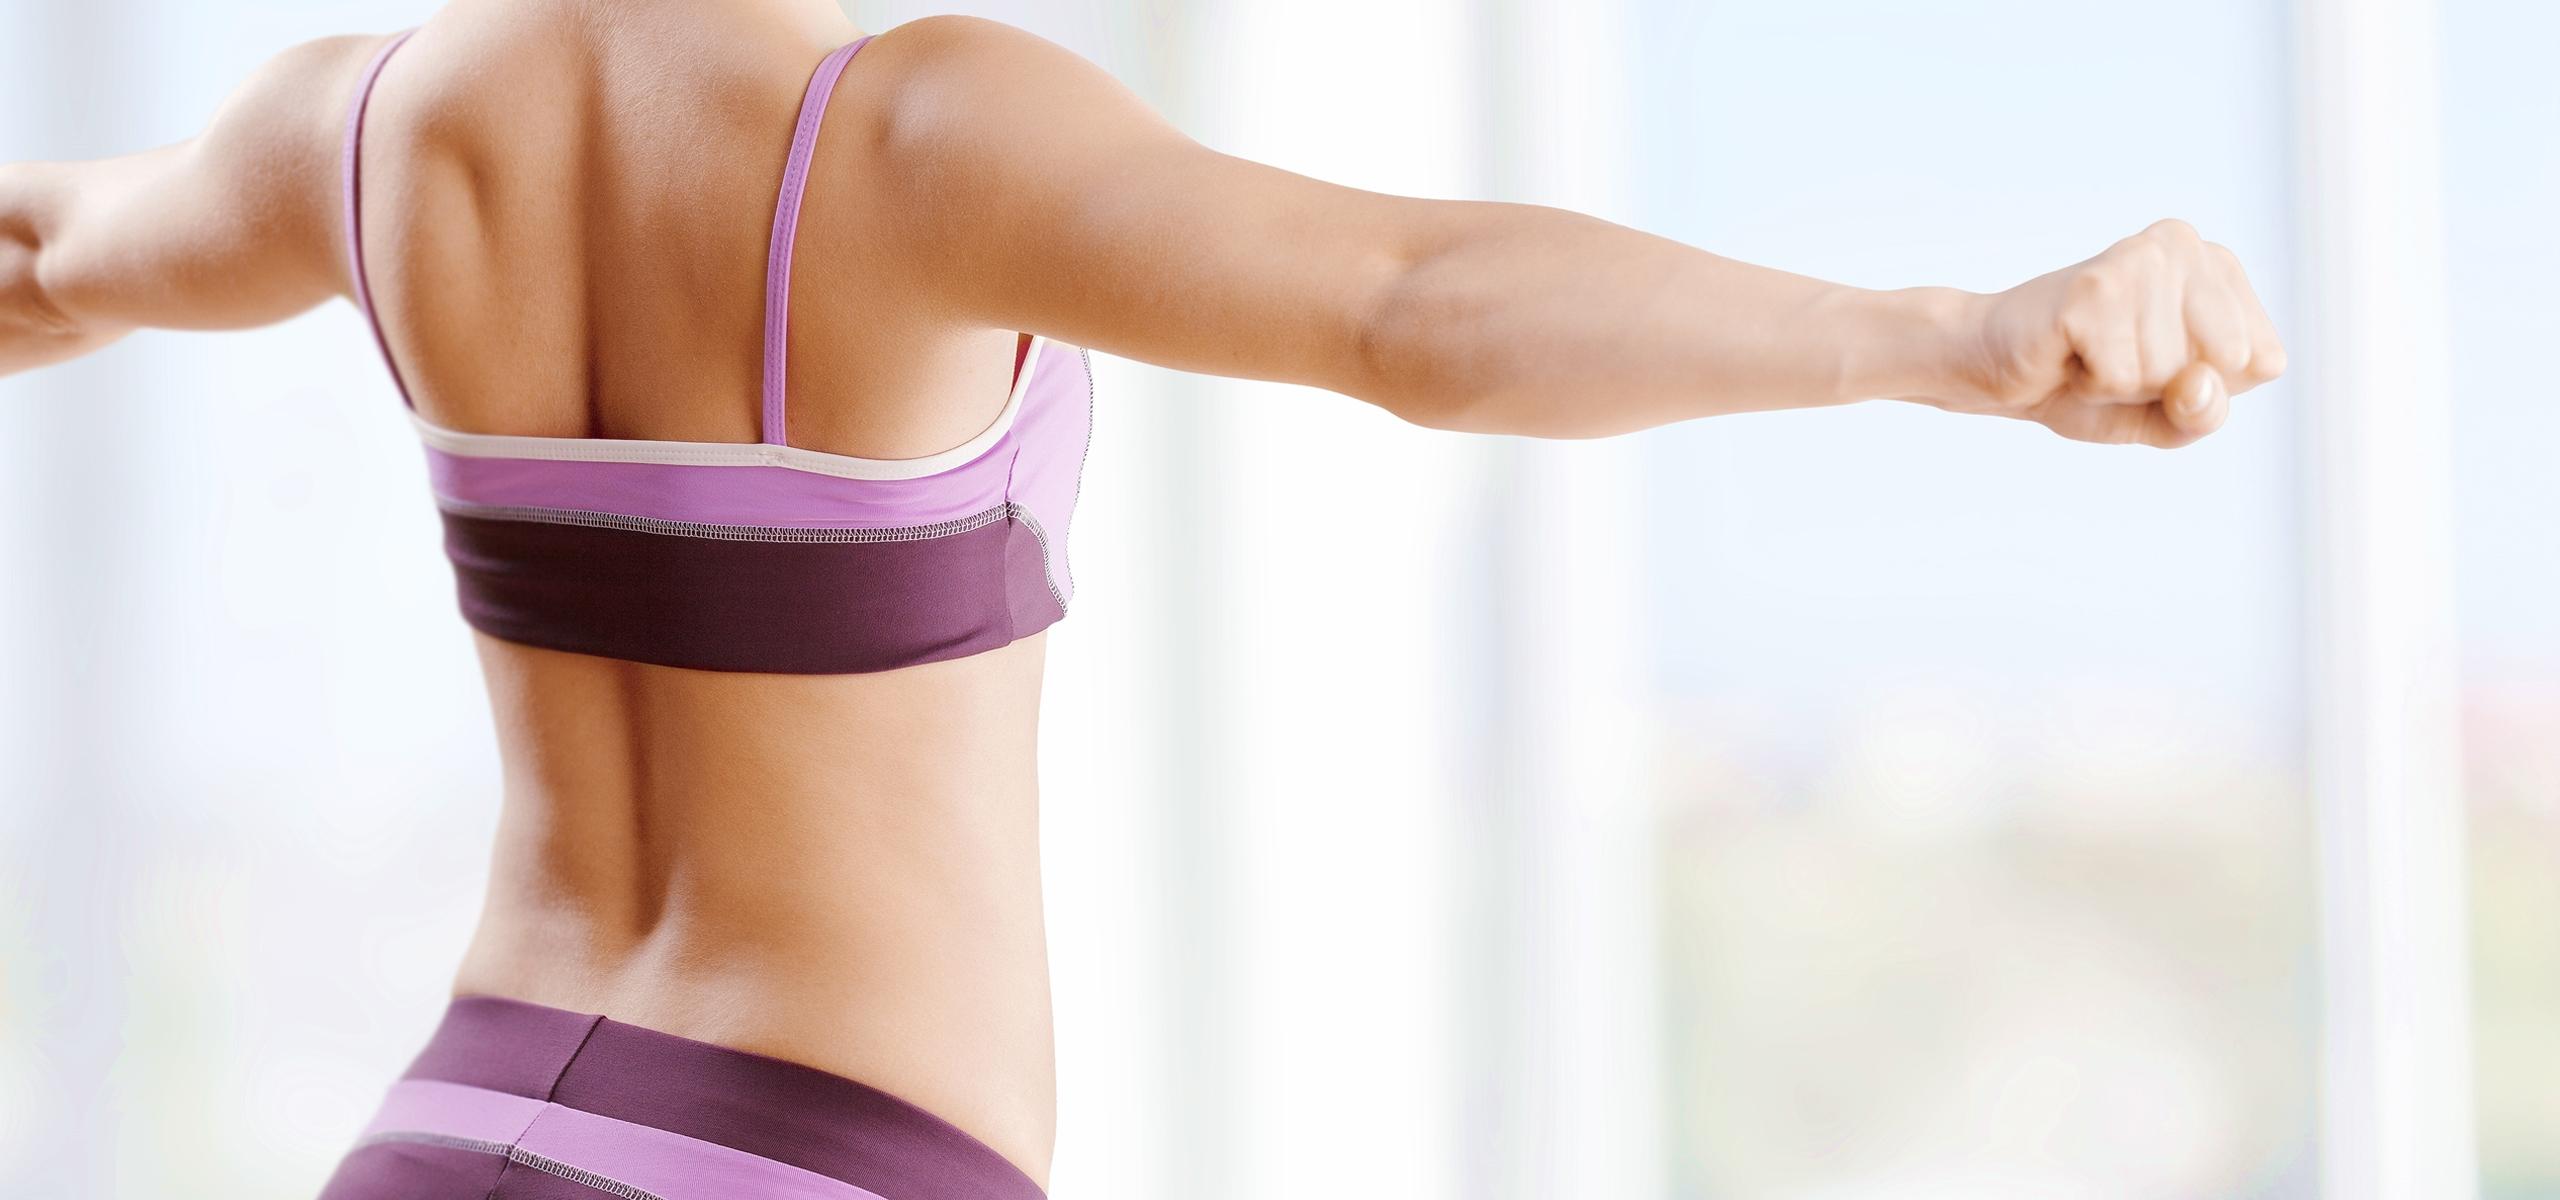 10 упражнений, которые сжигают калории лучше бега